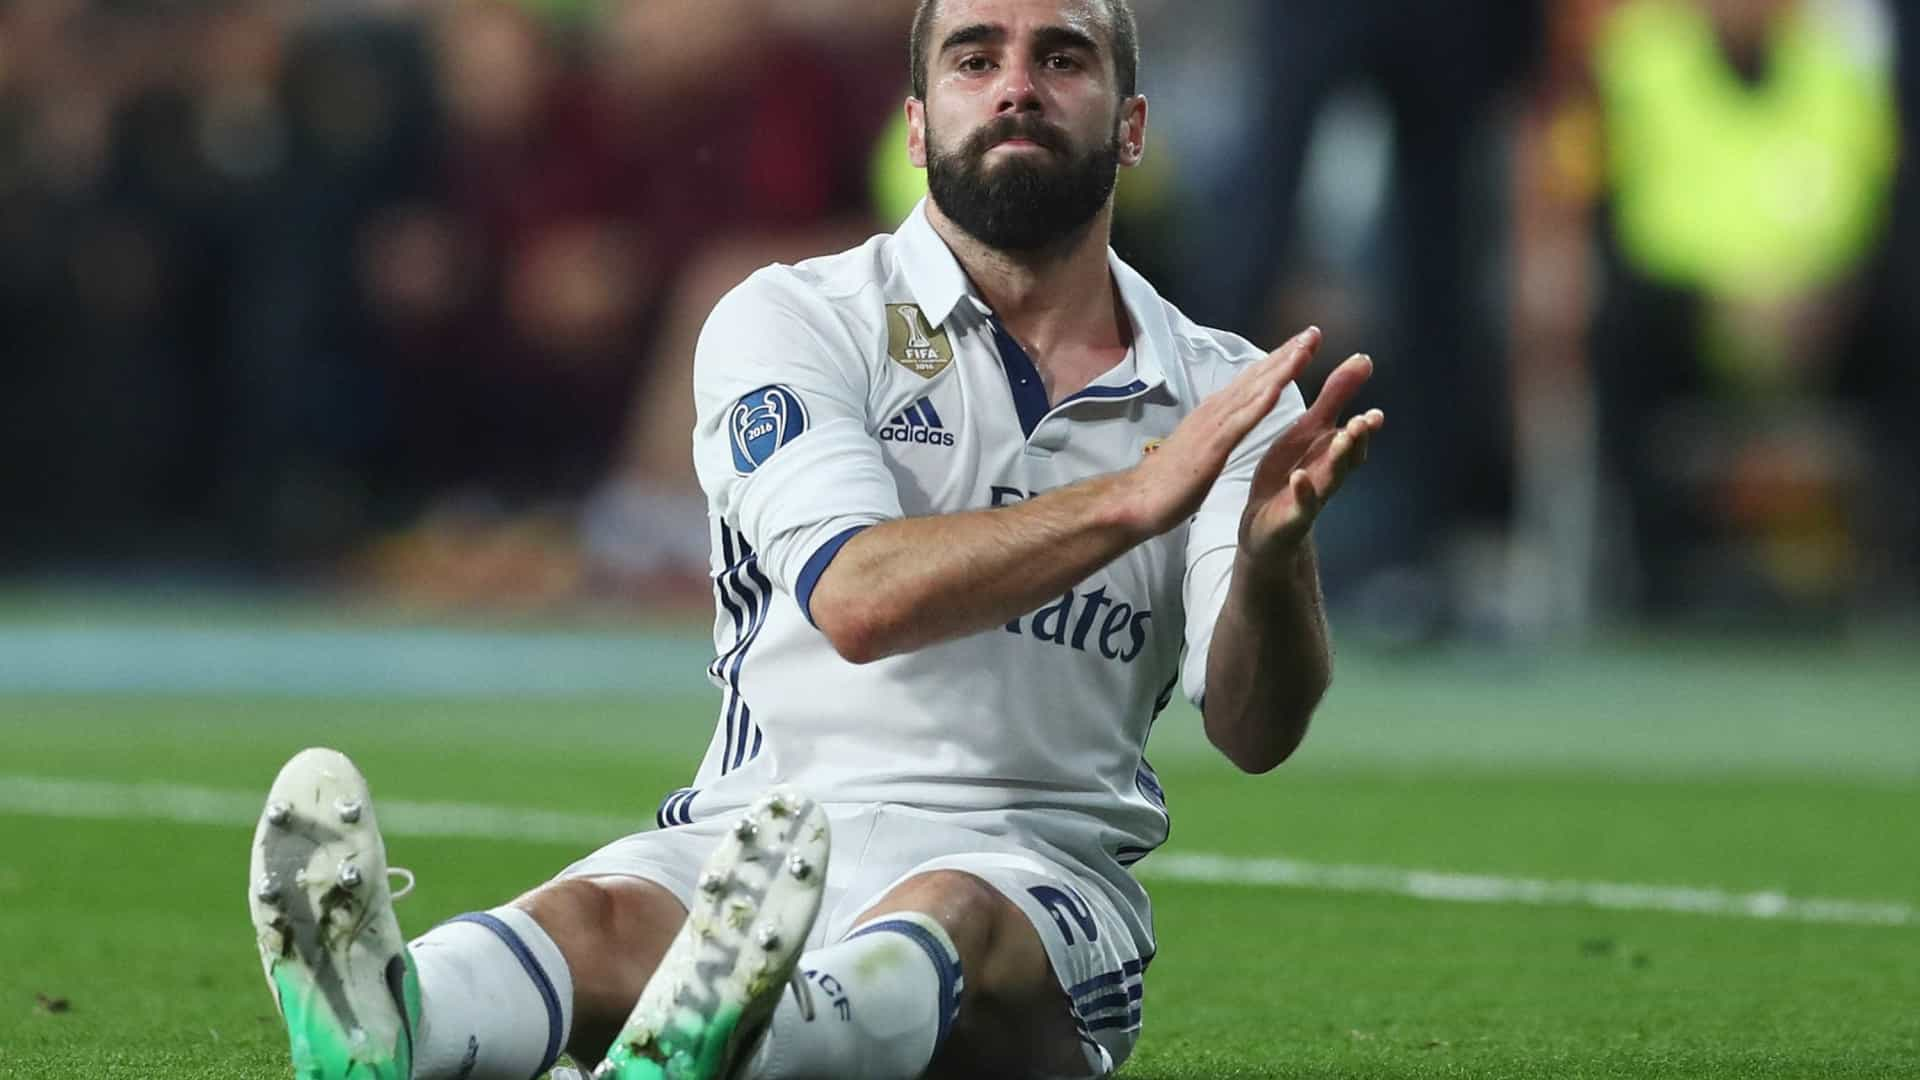 """Zidane pede """"paciência"""" com Carvajal: """"Com o coração não se brinca"""""""